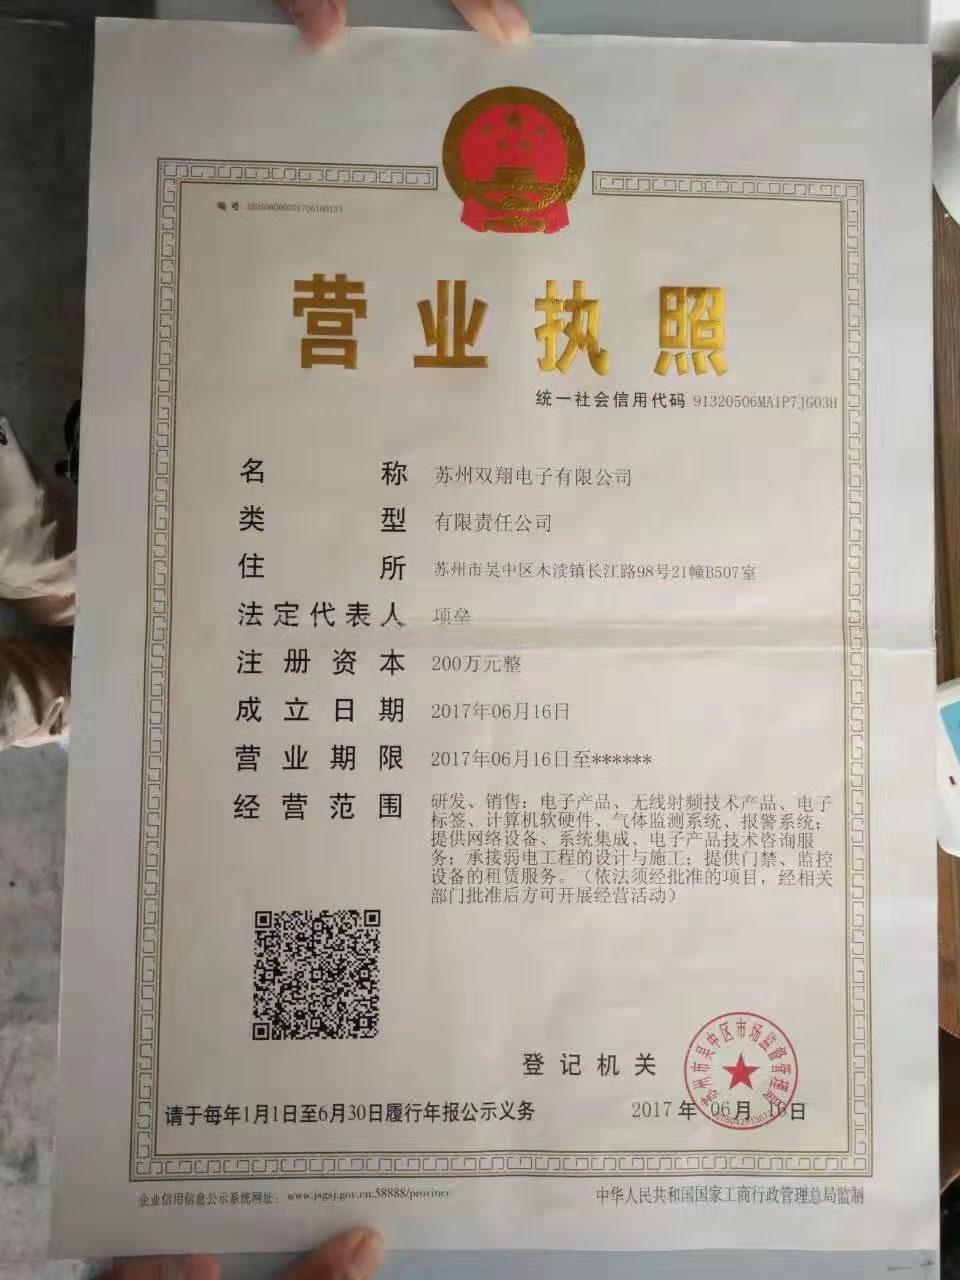 苏州双翔电子有限公司